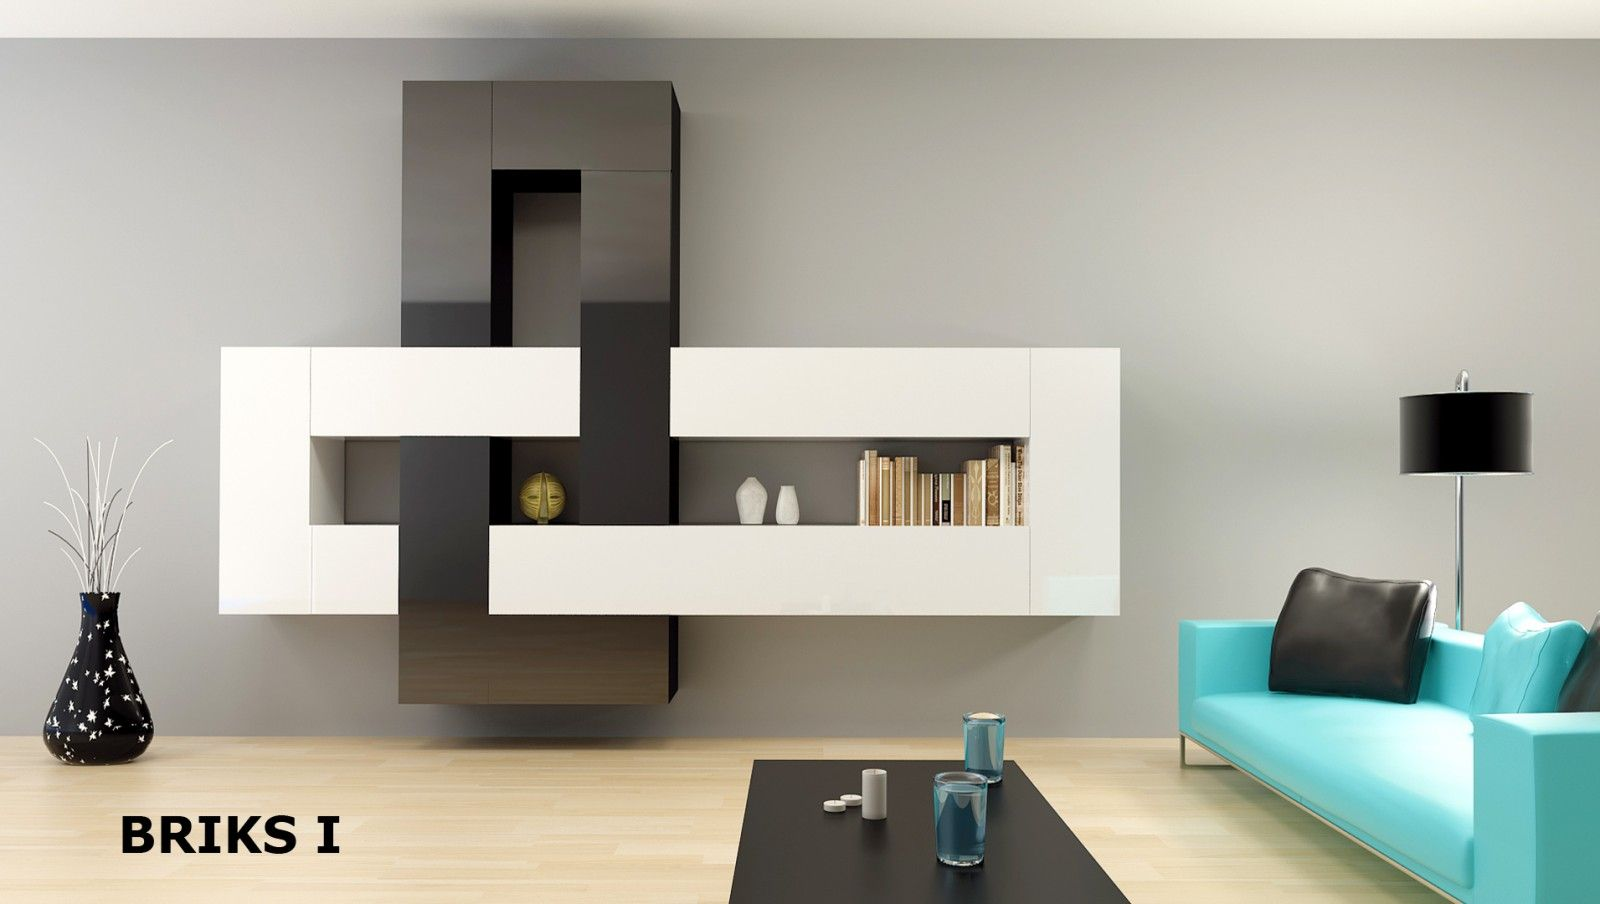 Tolle wohnwand designer -  Möbeldesign, Moderne schrankwände